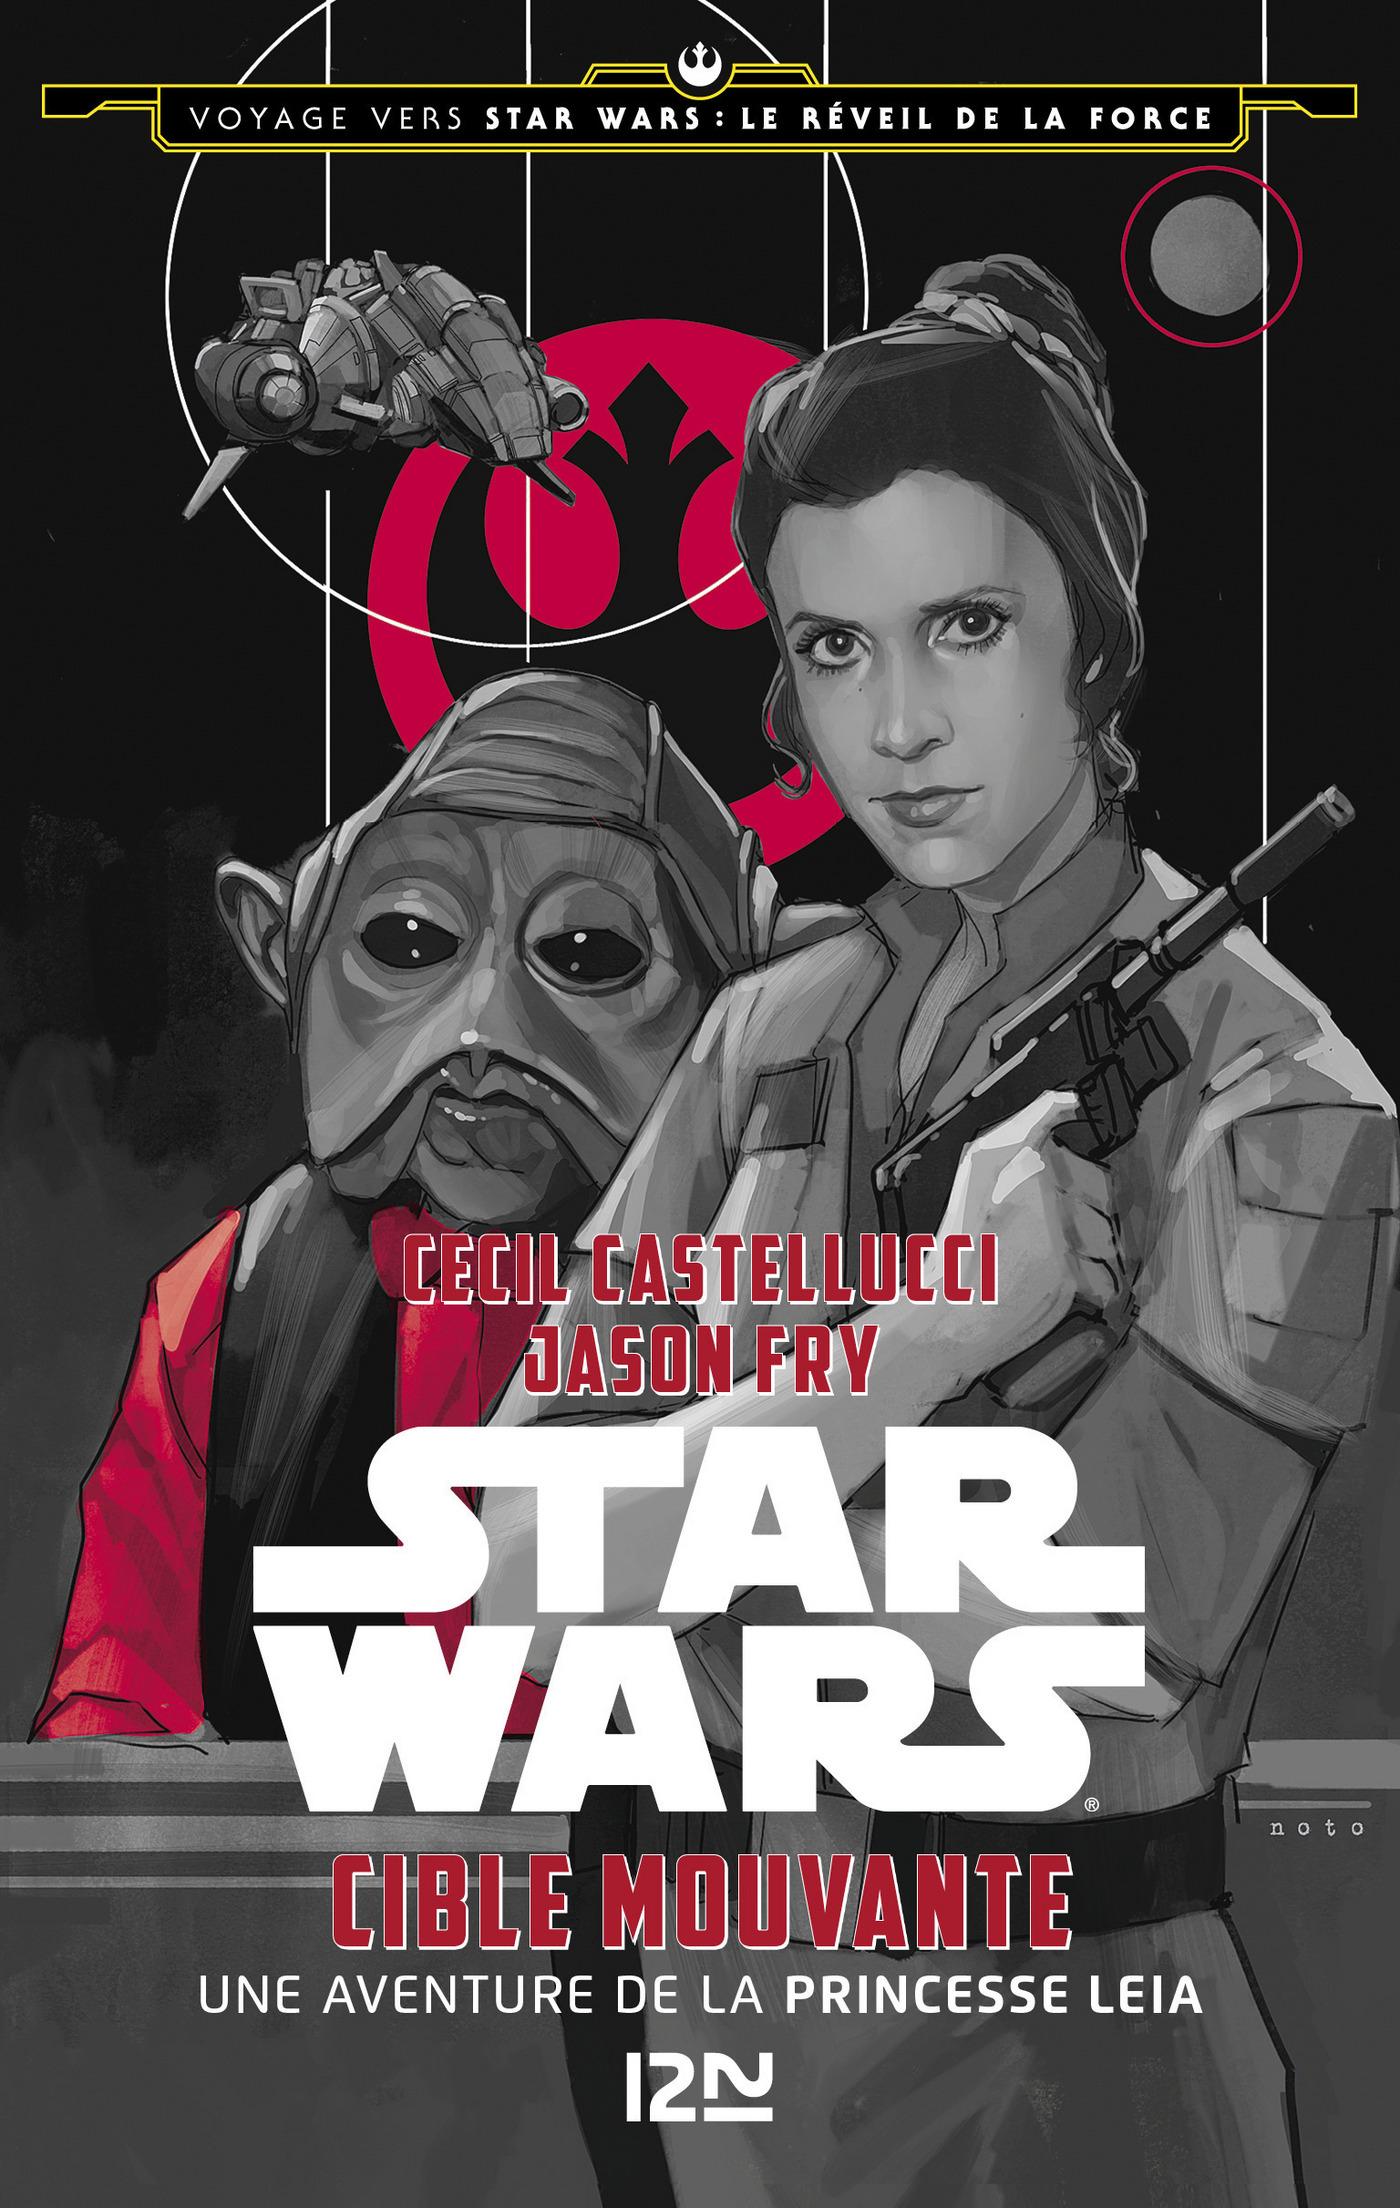 3. Voyage vers Star Wars : Le réveil de la force - L'Arme du Jedi